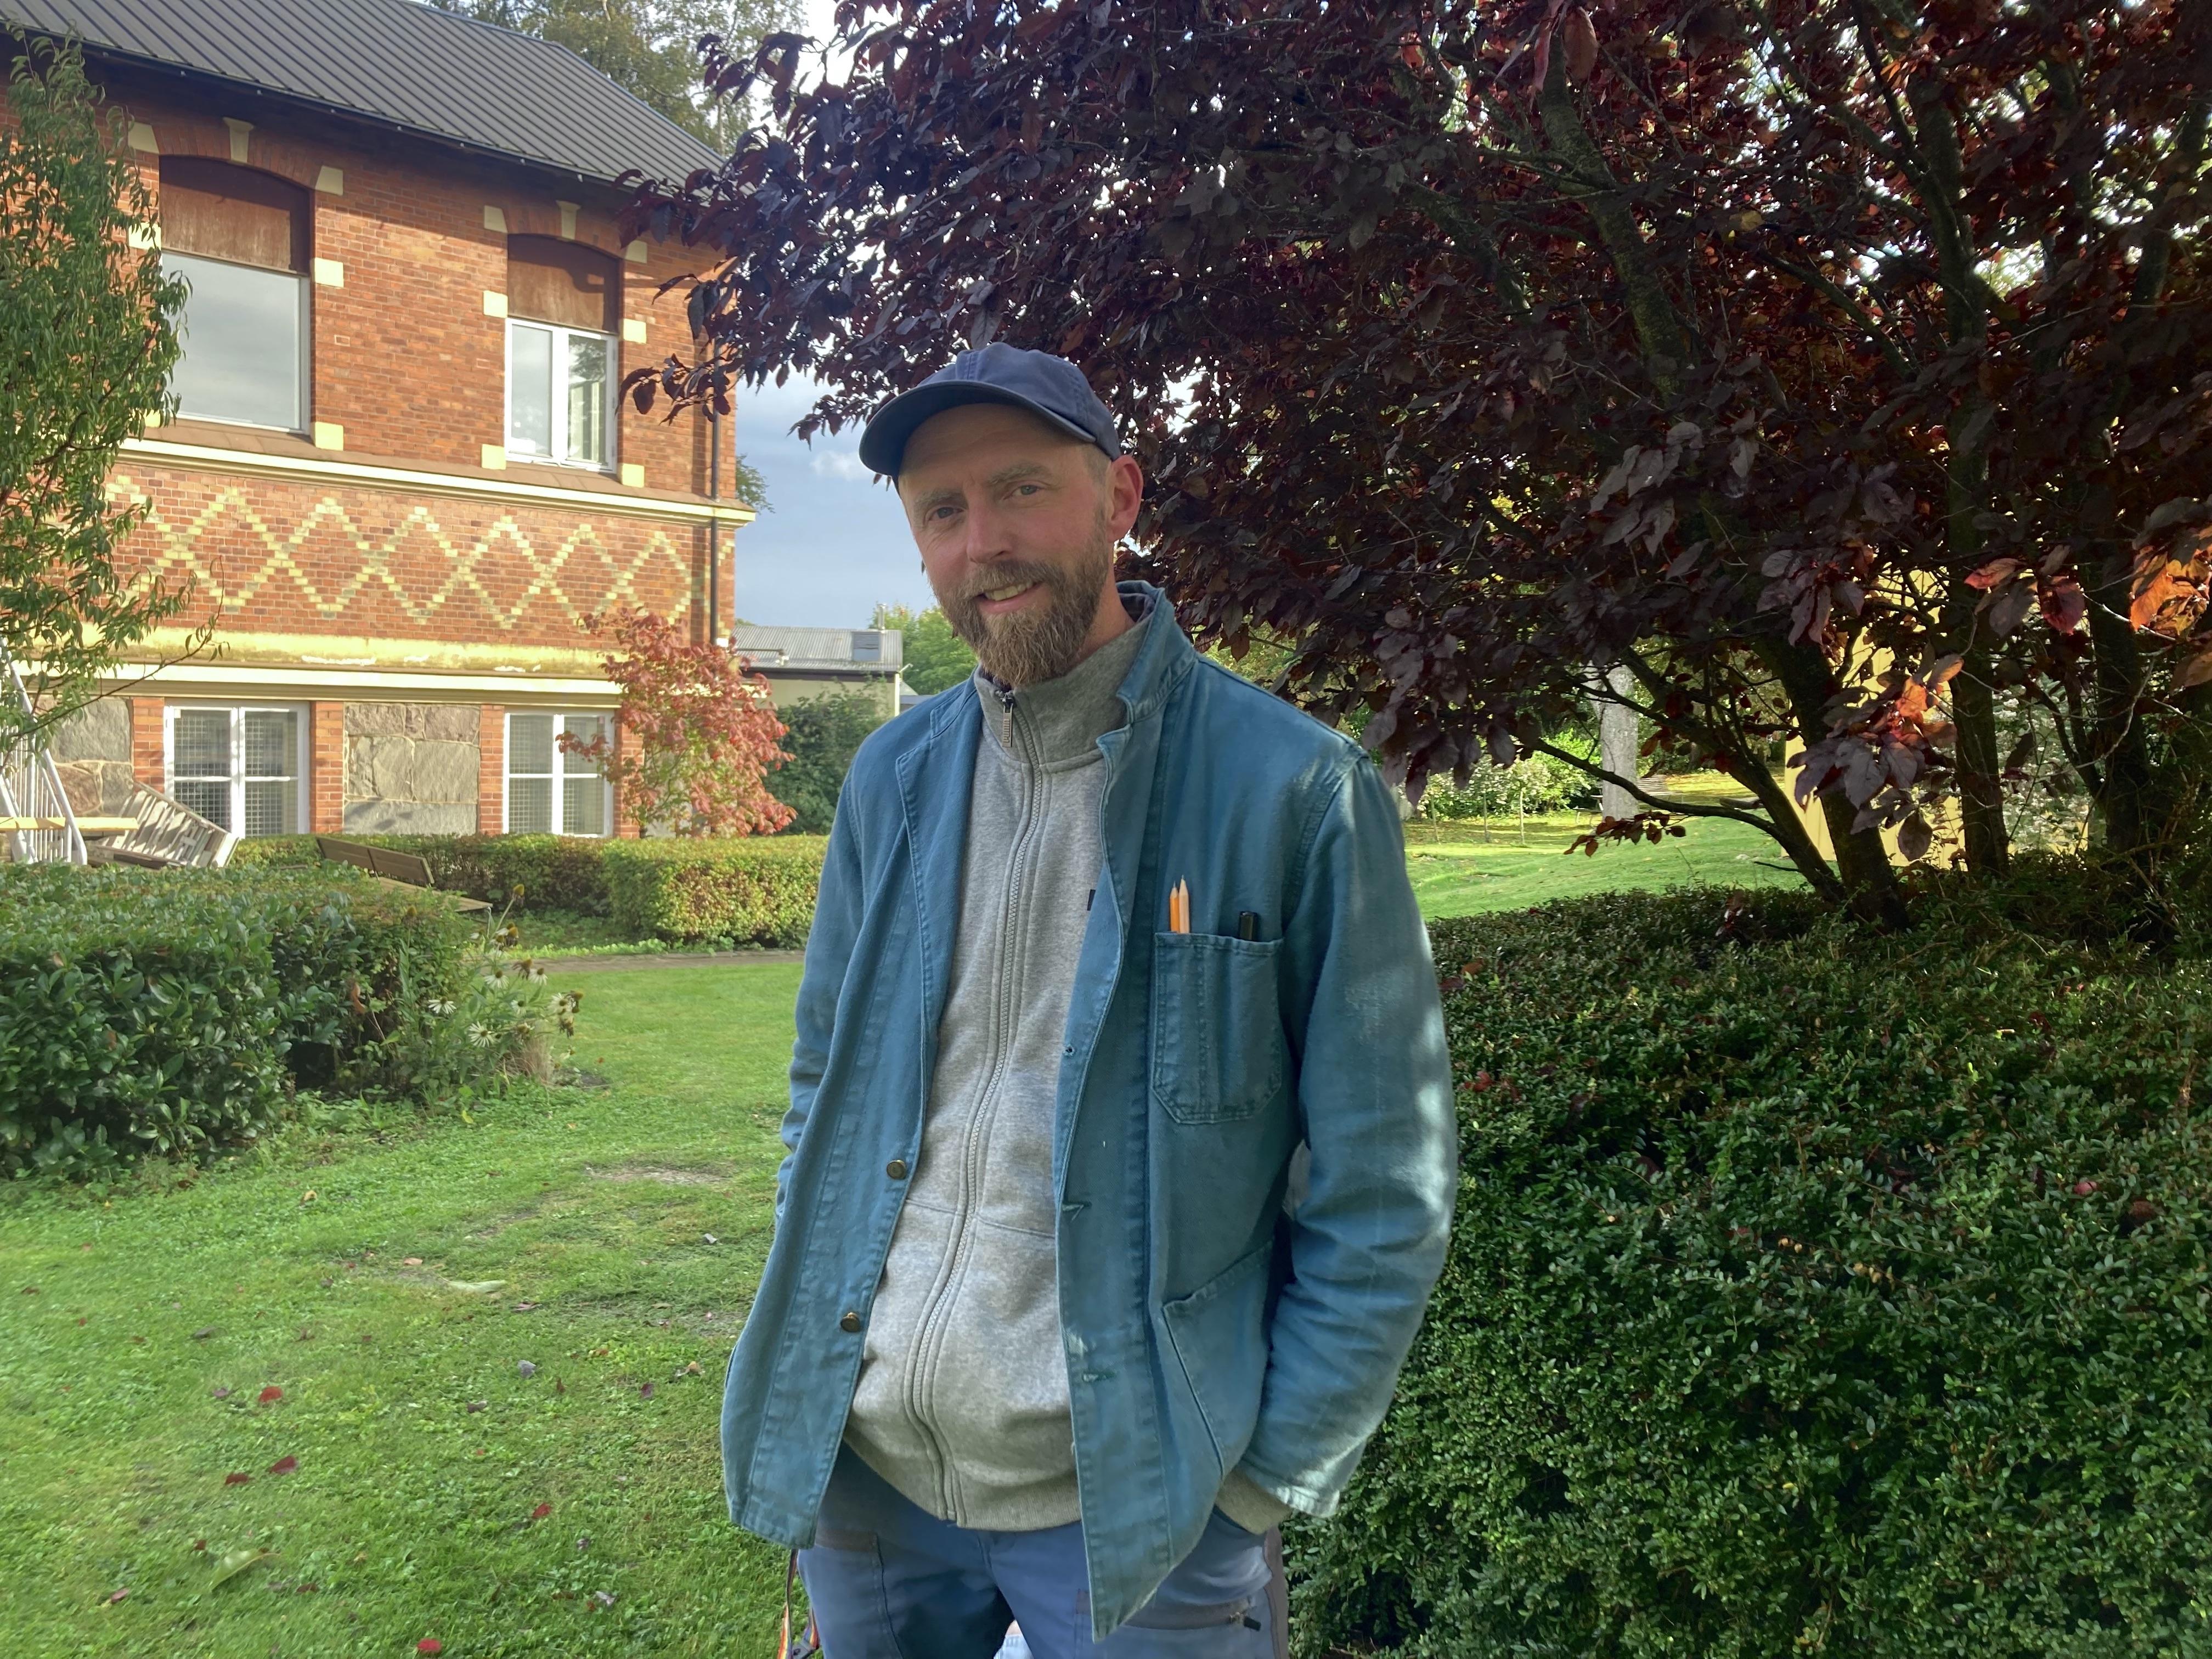 Tillsammans med en kompis byggde Malk Gustafsson UFO baren i sin trädgård. Namnet kommer från att de kände sig som UFOn och var intresserade av Sci-Fi serier.